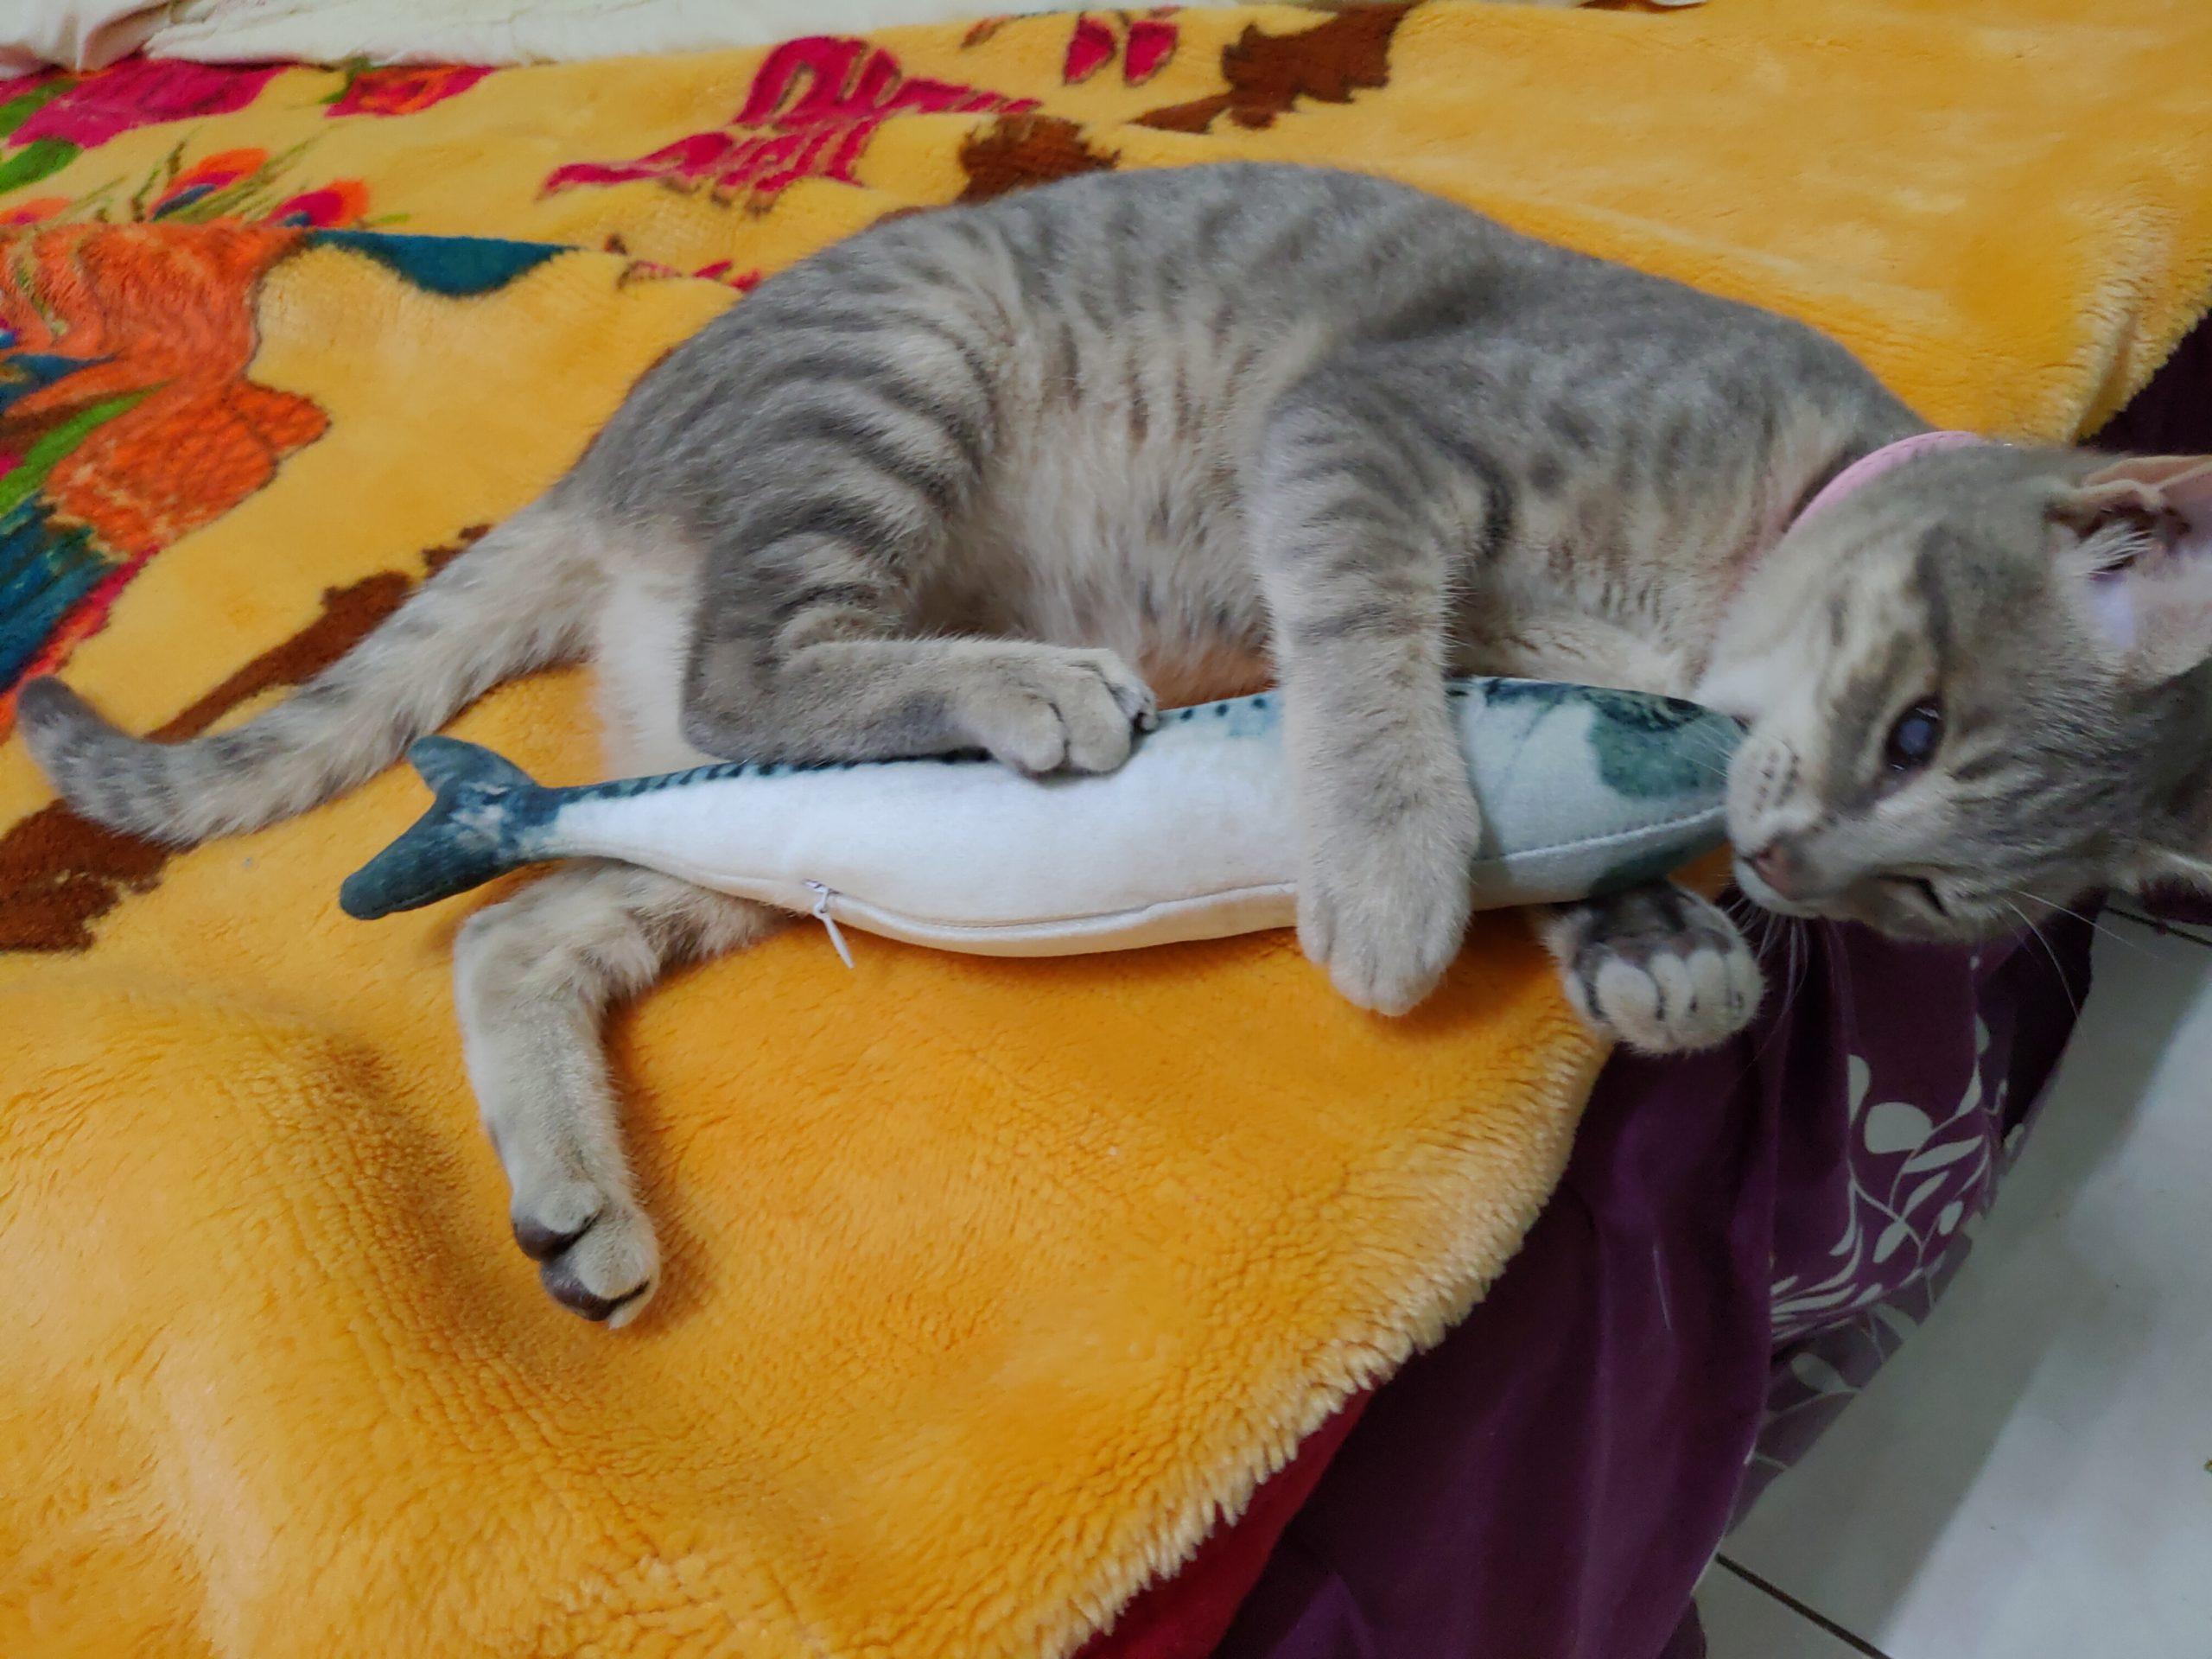 【貓咪相關】貓咪超愛咬人應對策略|別因被咬就打罵